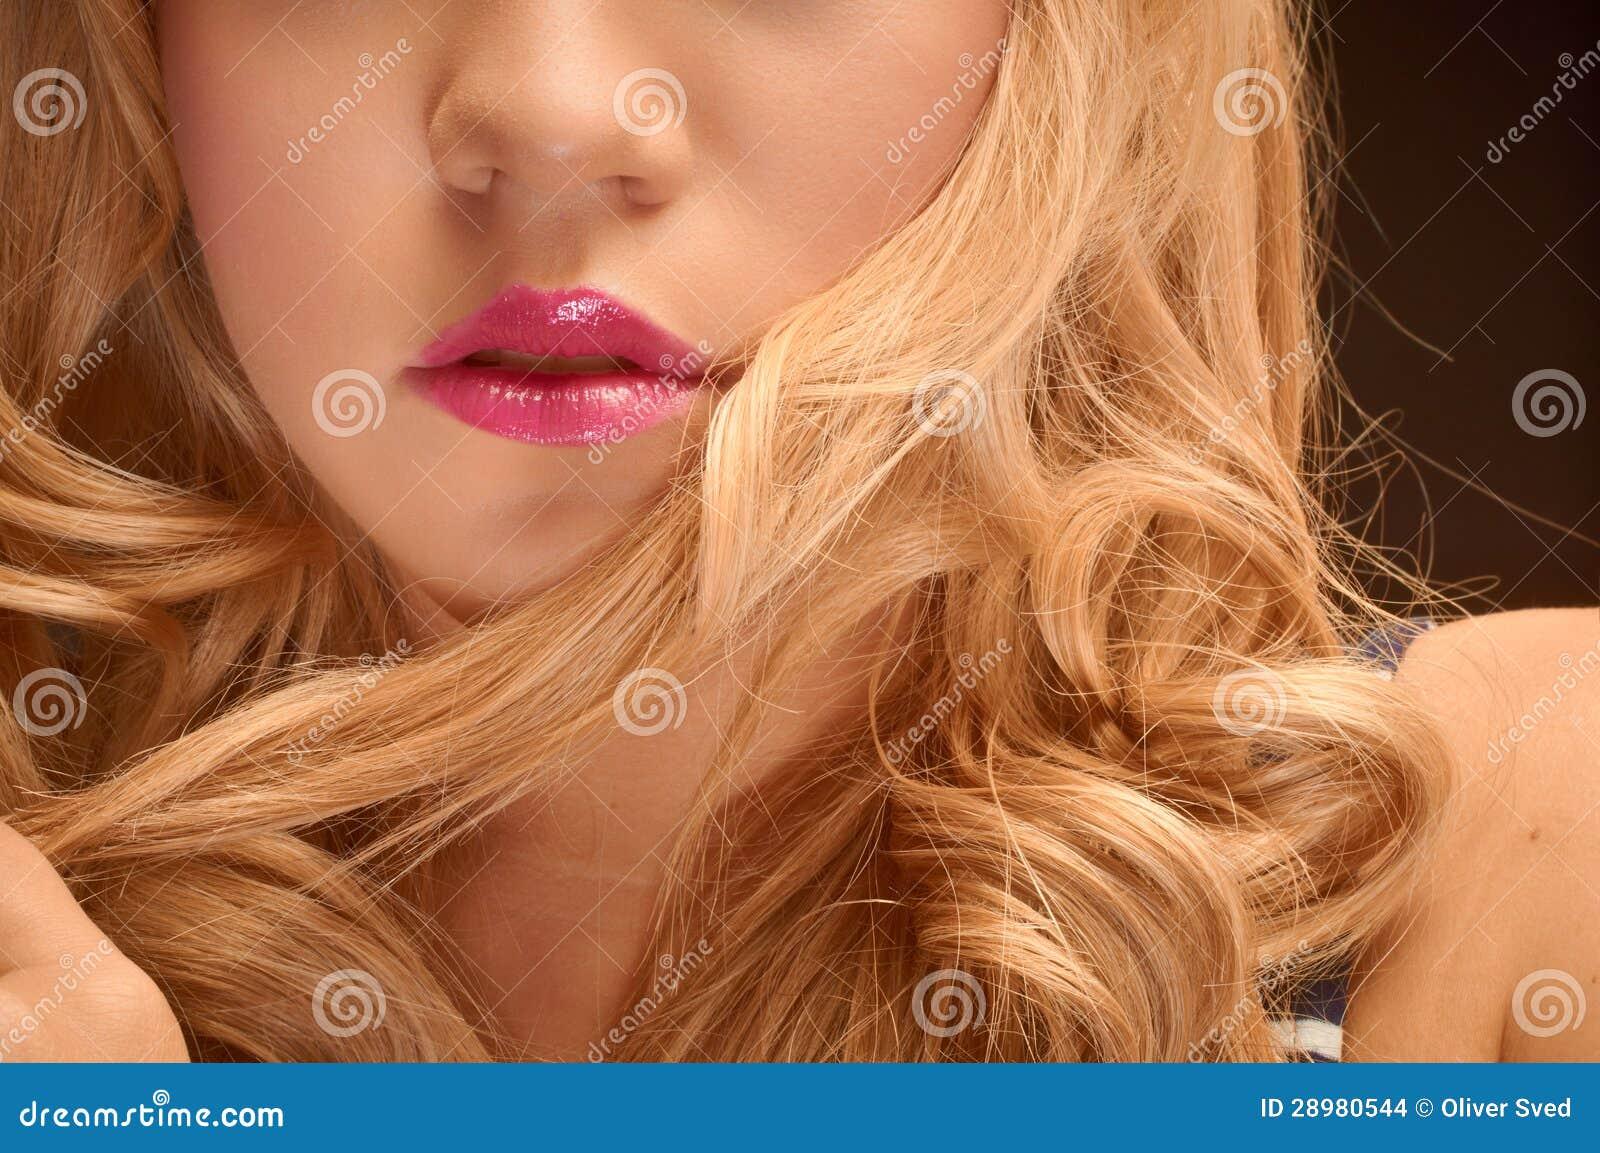 Künstlerisches Nahaufnahmefoto einer jungen Frau